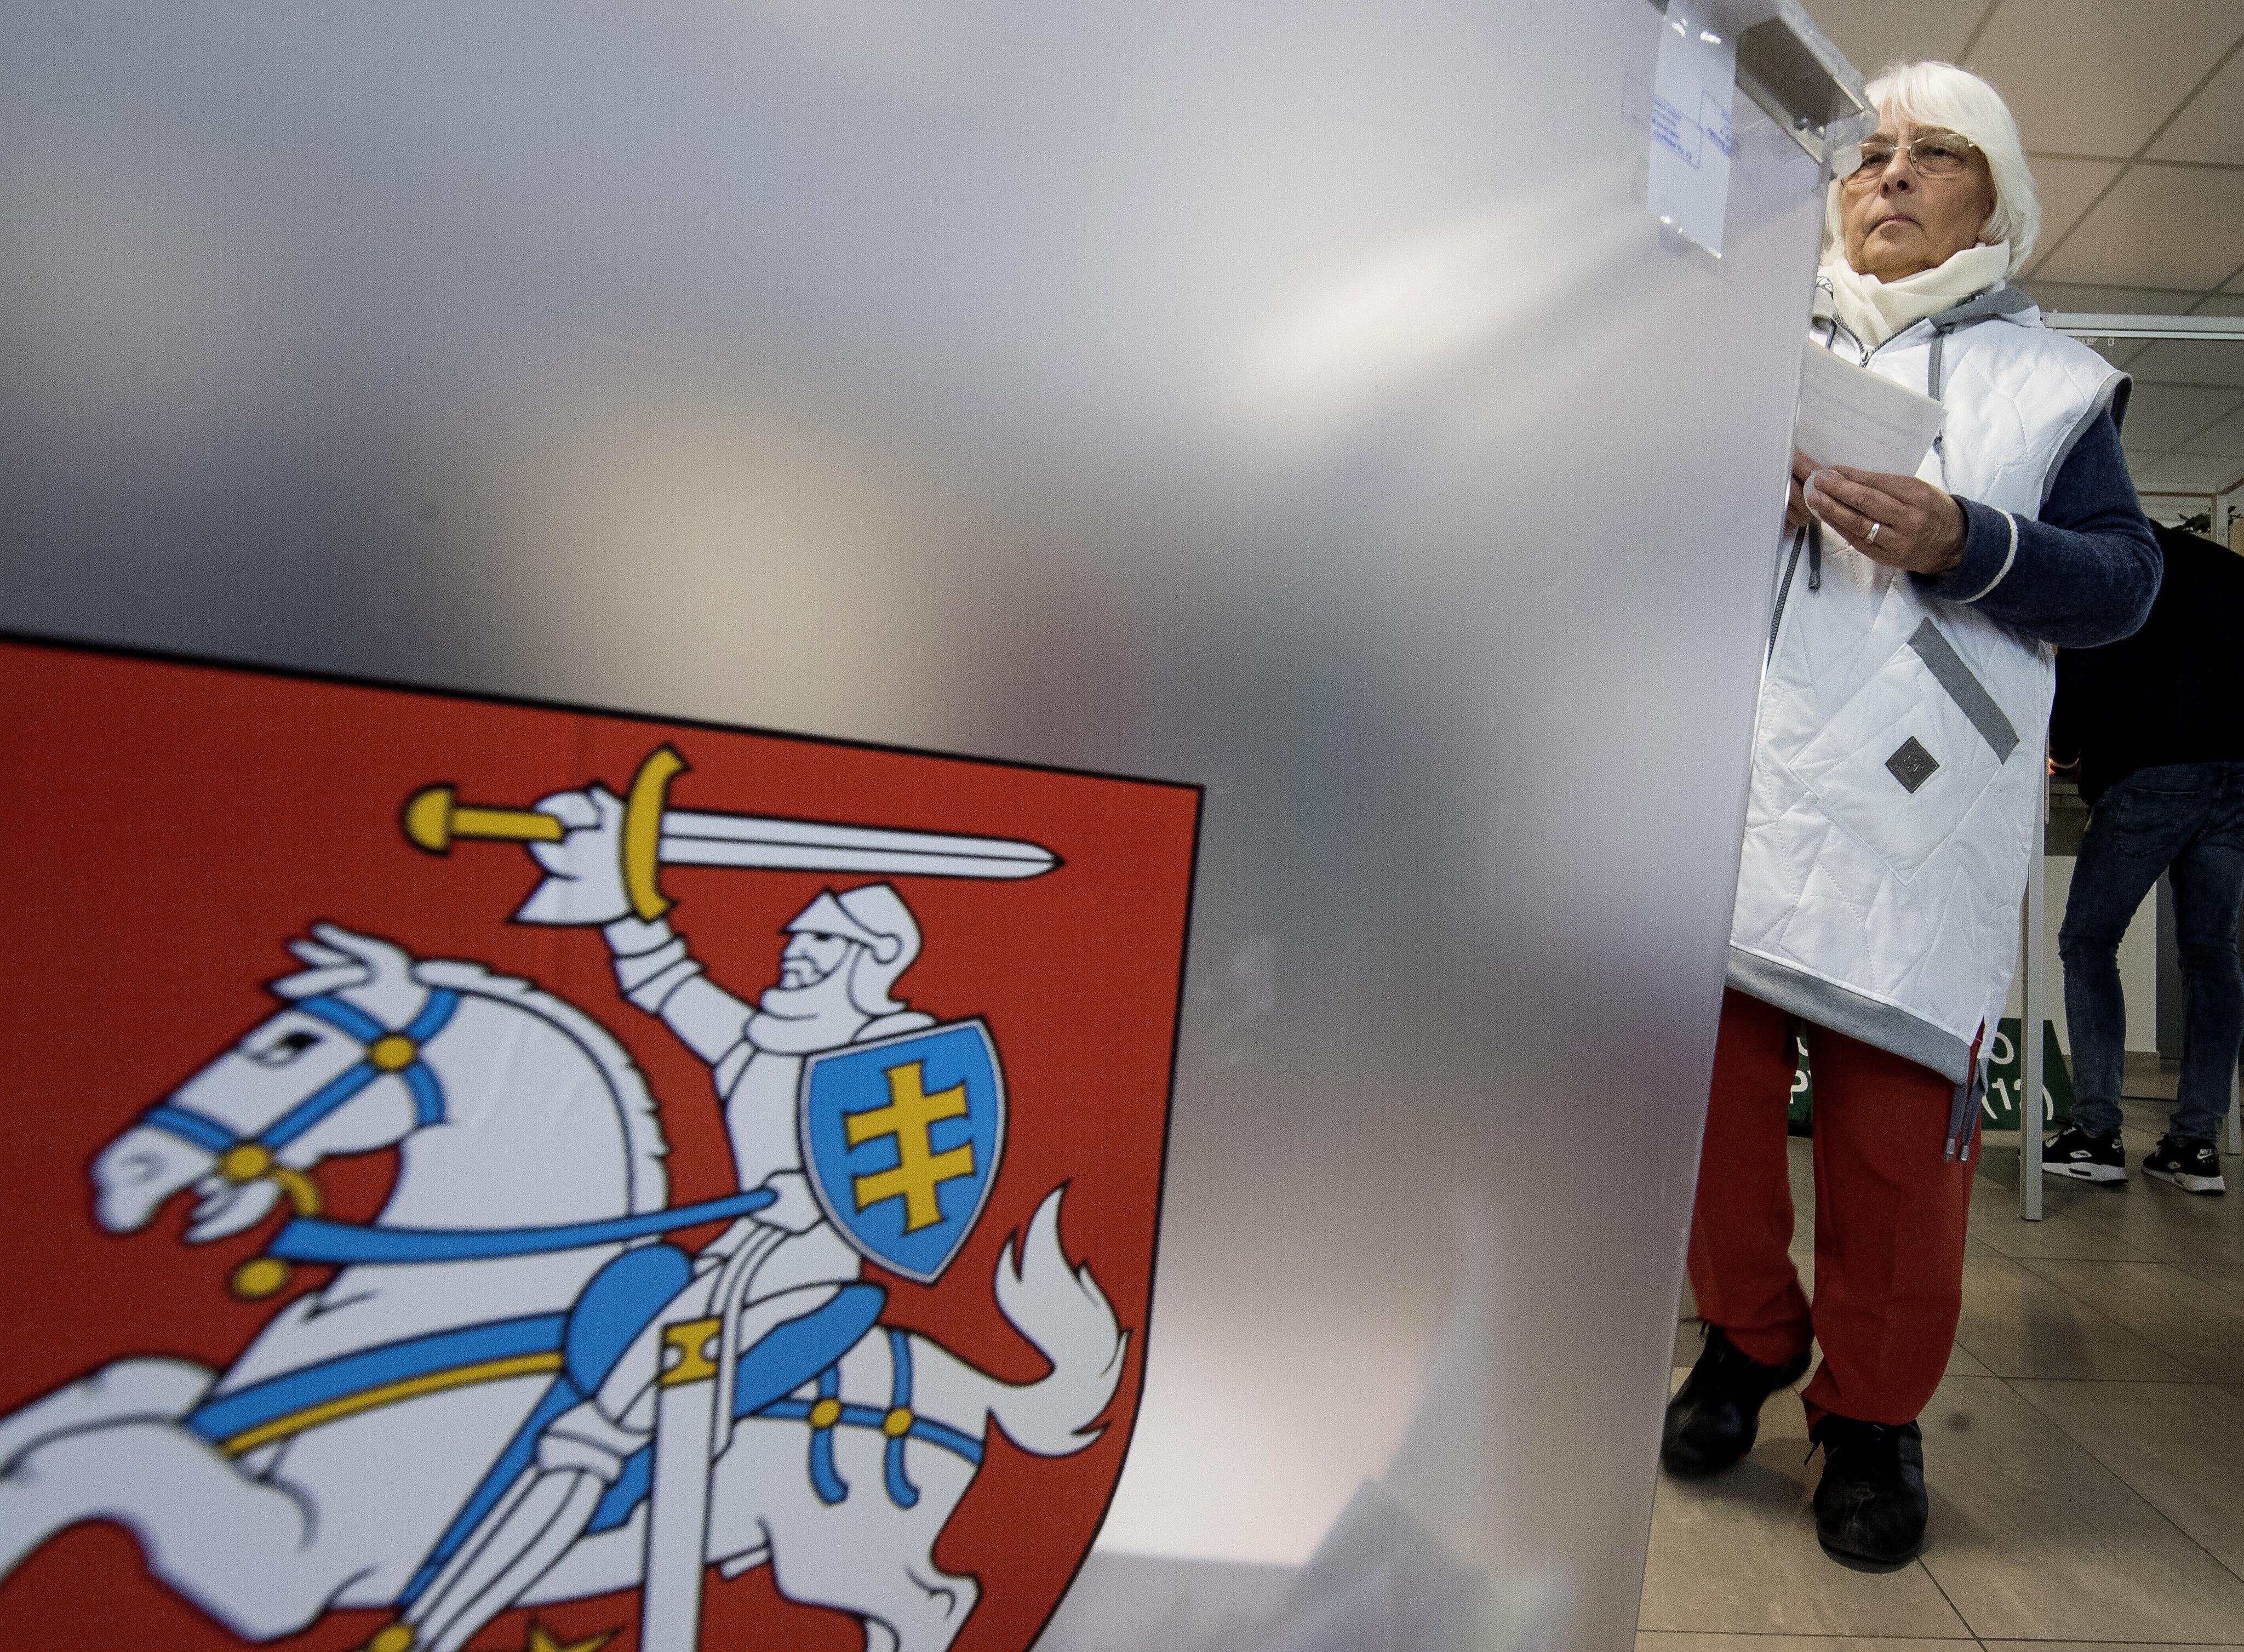 Ήττα του πρωθυπουργού της Λιθουανίας - Ποιοι περνούν στον δεύτερο γύρο των προεδρικών